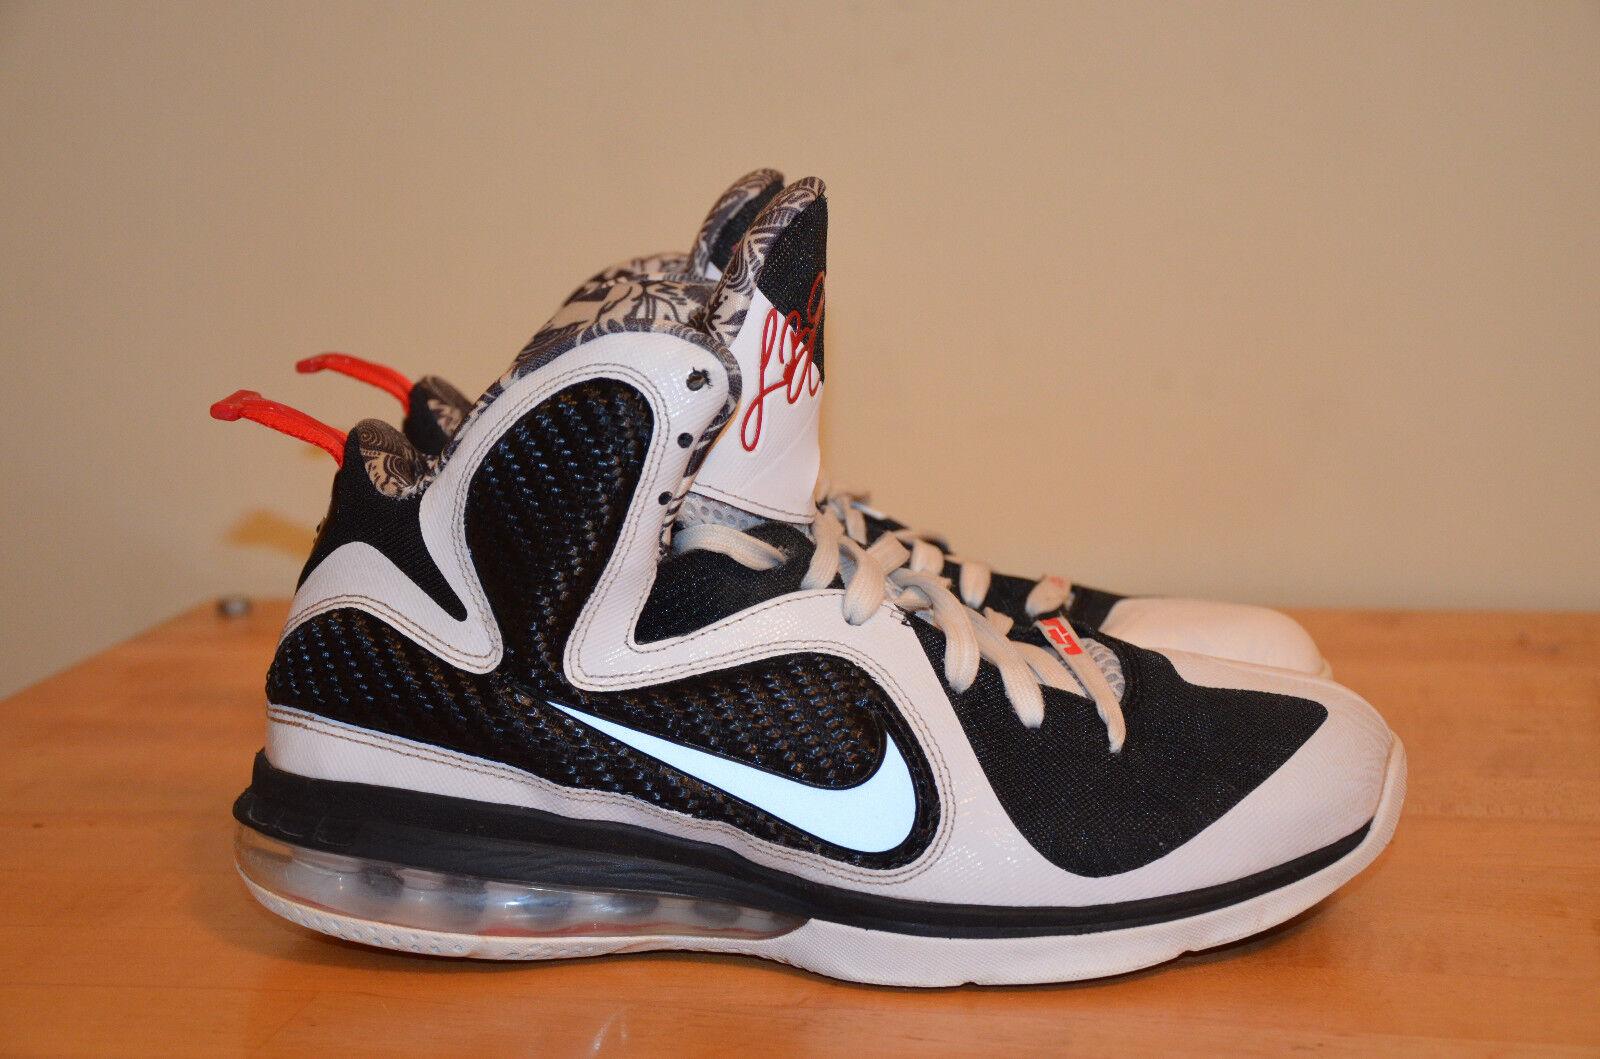 Nike Lebron 9 Freegums Weiß Schwarz Sport-Rot 469764-101 Miami Heat Sz 9.5